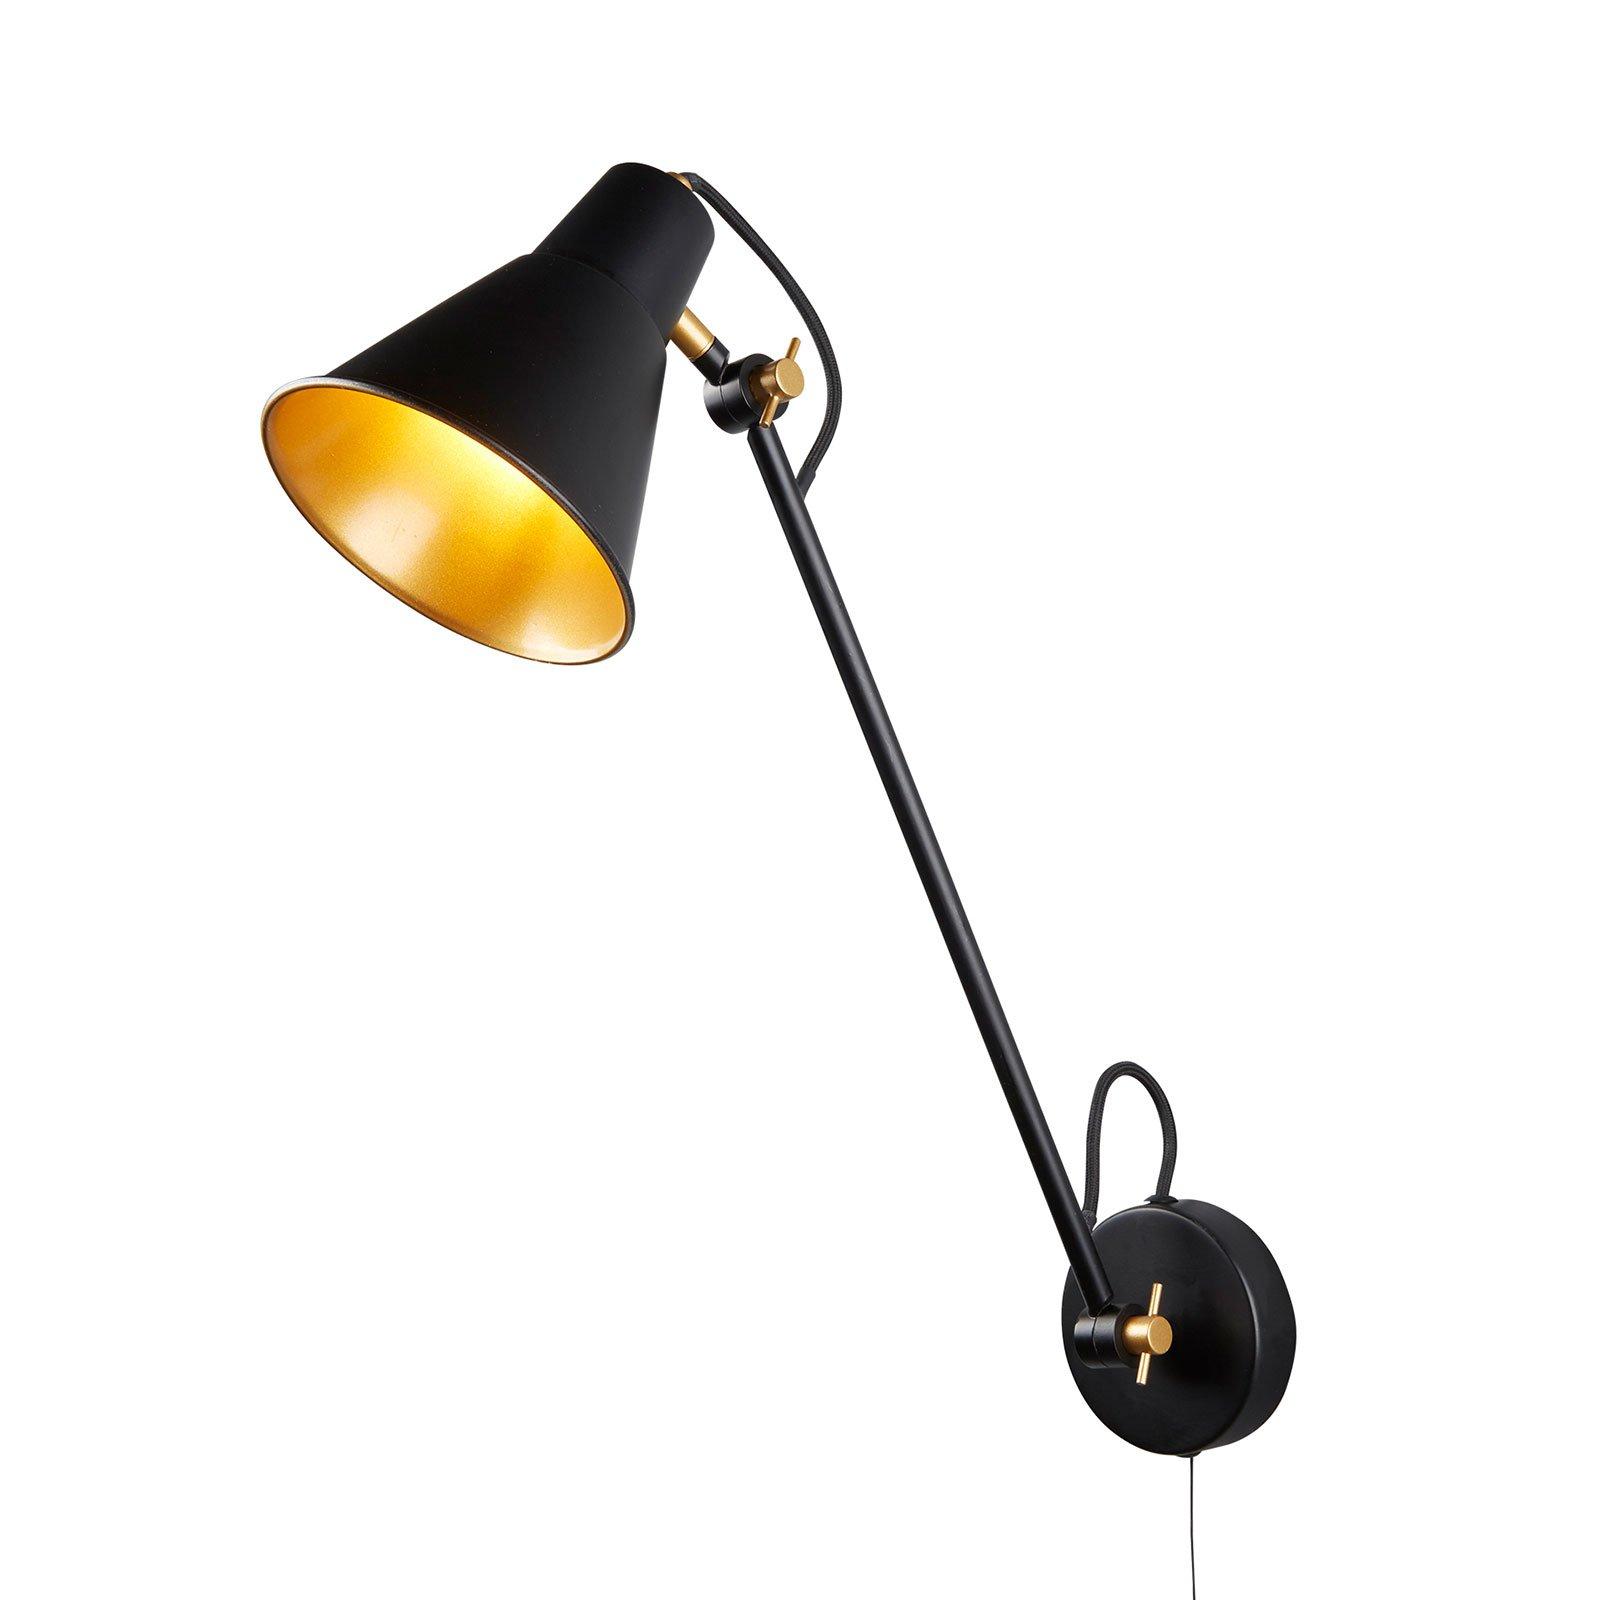 Vegglampe 6302 av metall, svart-gull